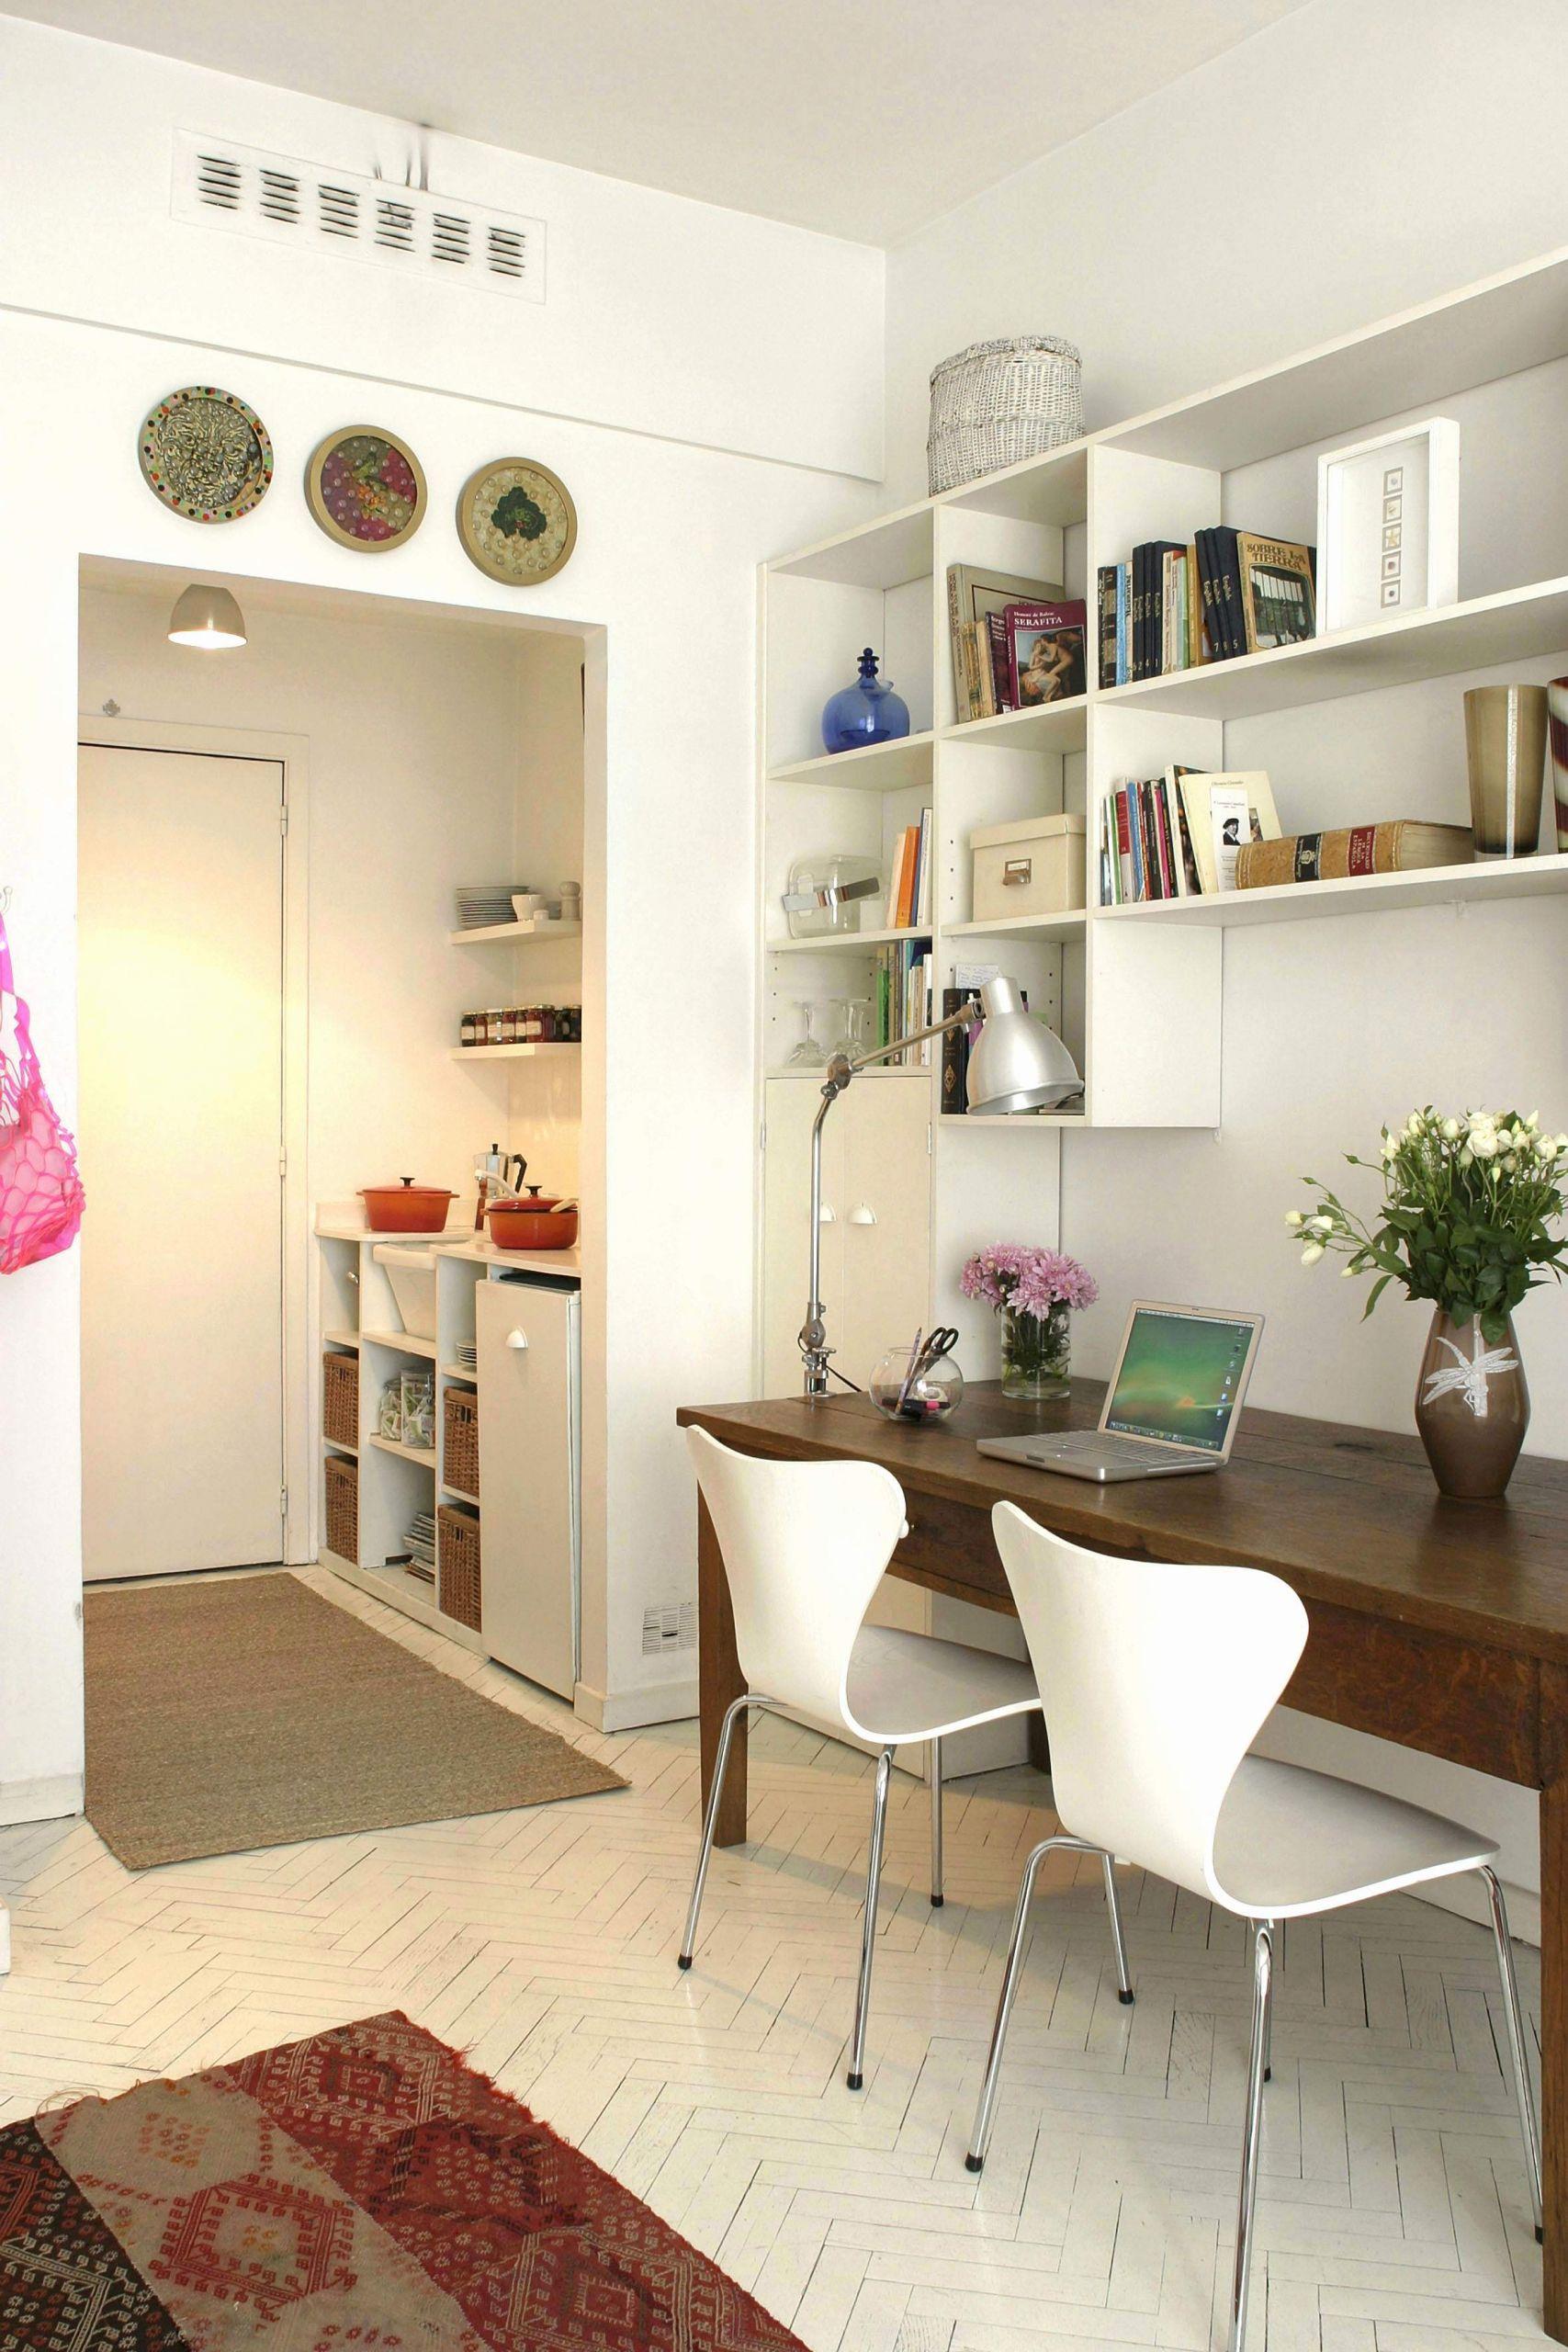 Full Size of Tapeten Für Die Küche Wohnzimmer Ideen Wandbild Deckenlampen Modern Stehleuchte Pendelleuchte Decken Beleuchtung Vorhänge Kommode Komplett Deckenlampe Wohnzimmer Wohnzimmer Tapeten Vorschläge